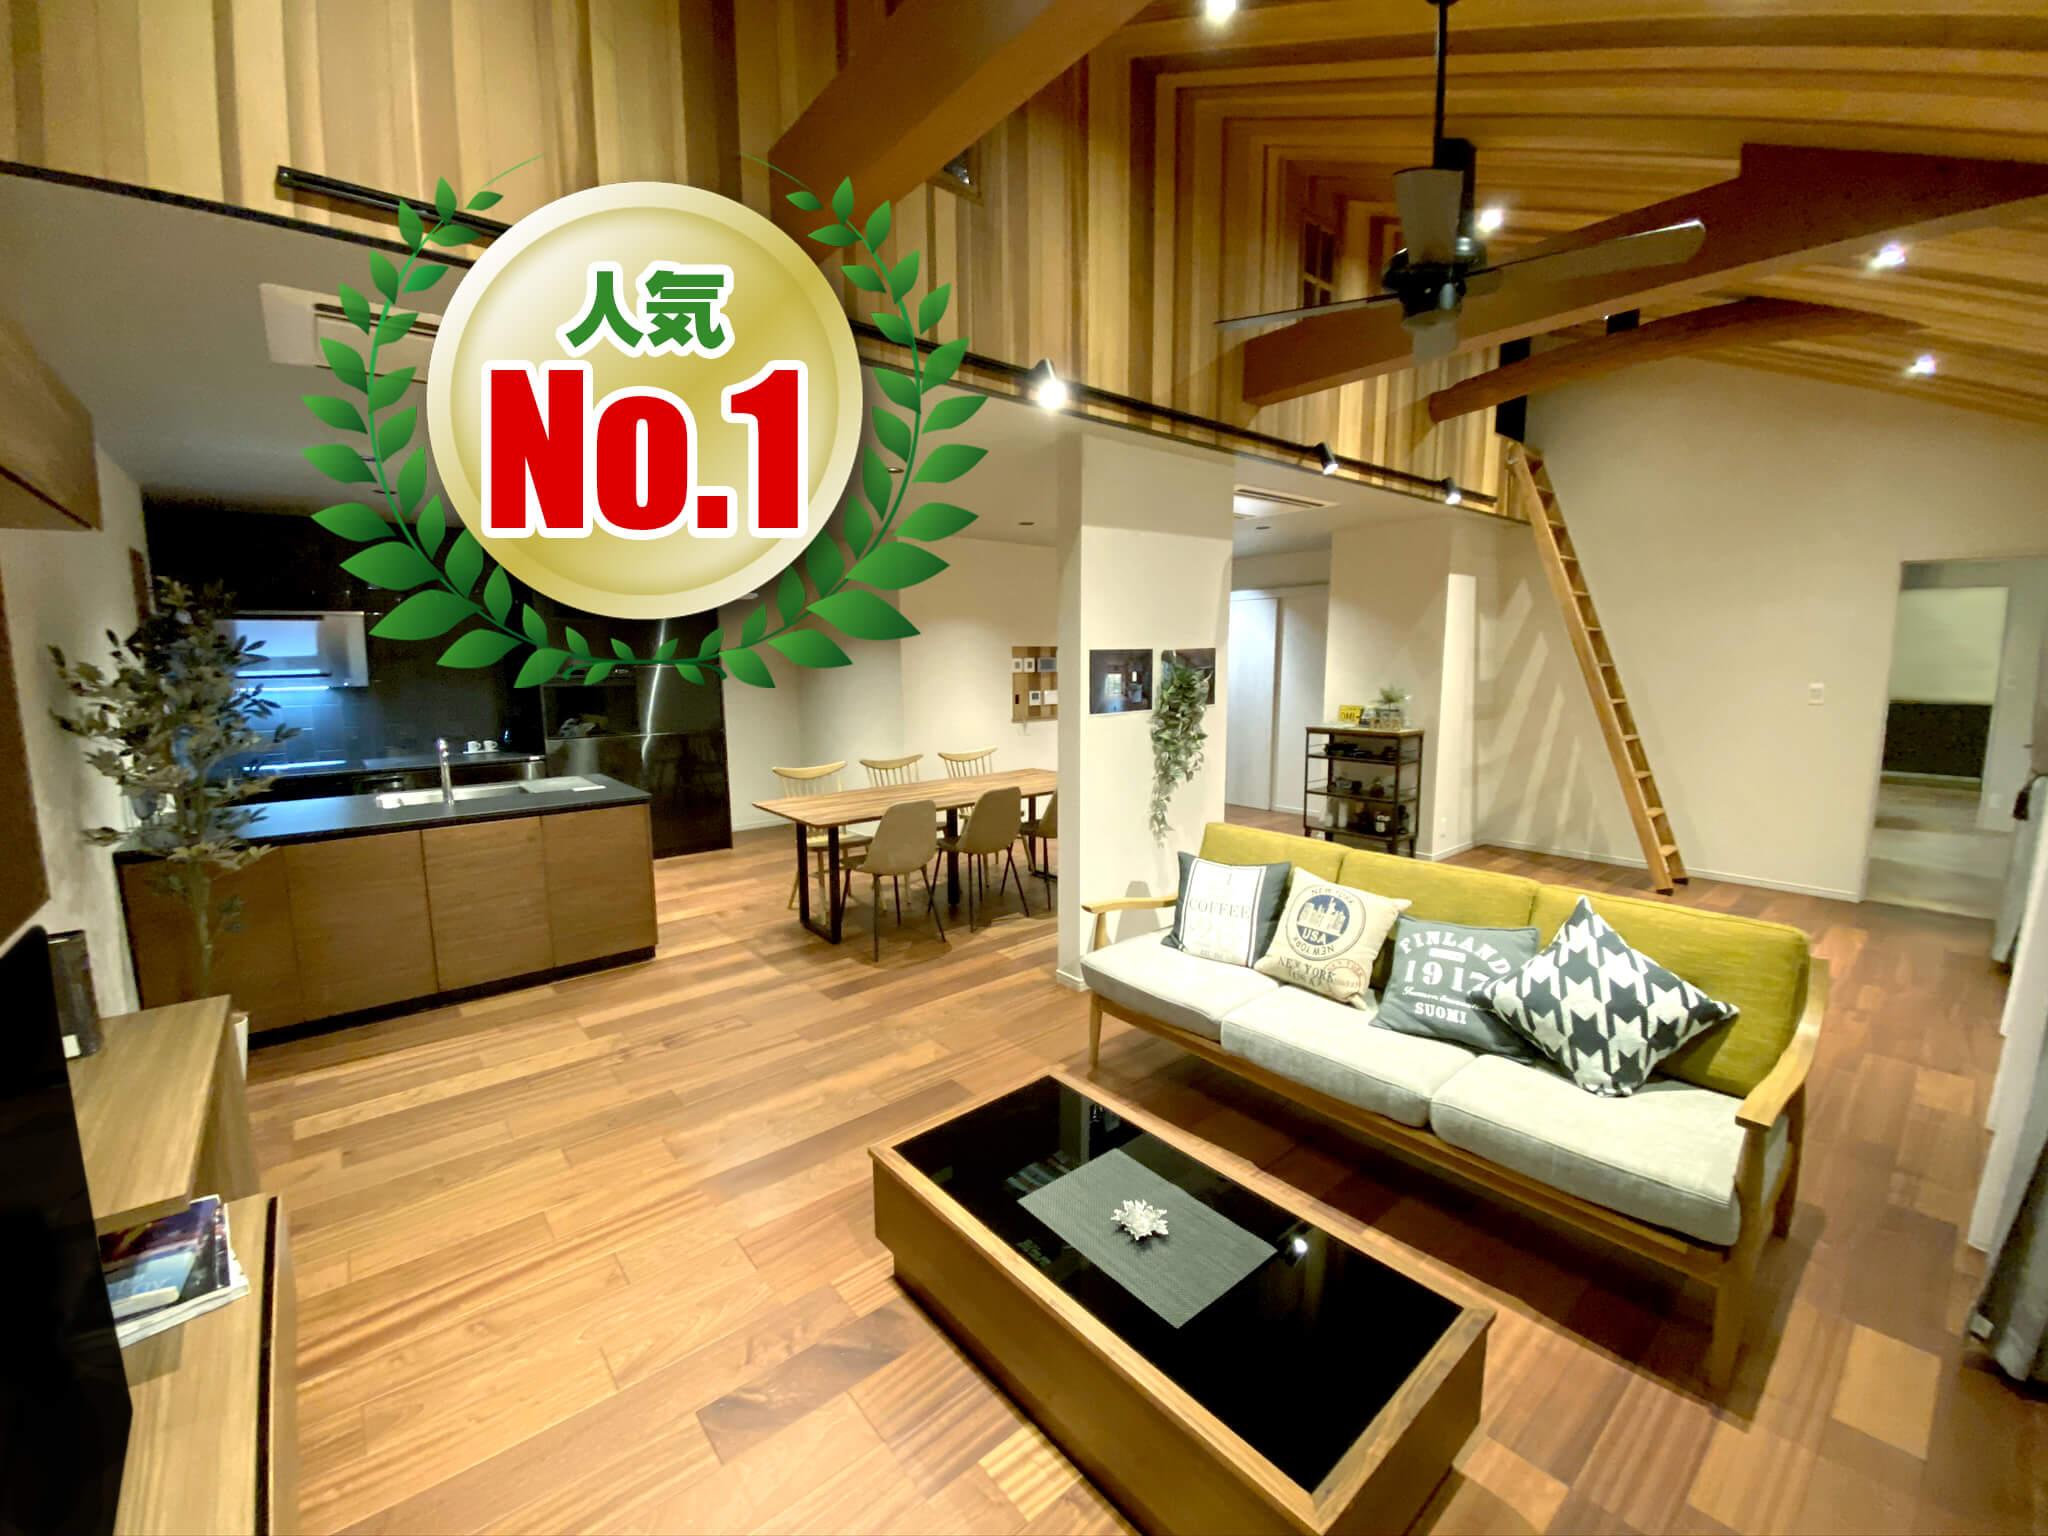 イズホーム戸建てリノベーション築45年モデルハウス 大阪府堺市南区エリア